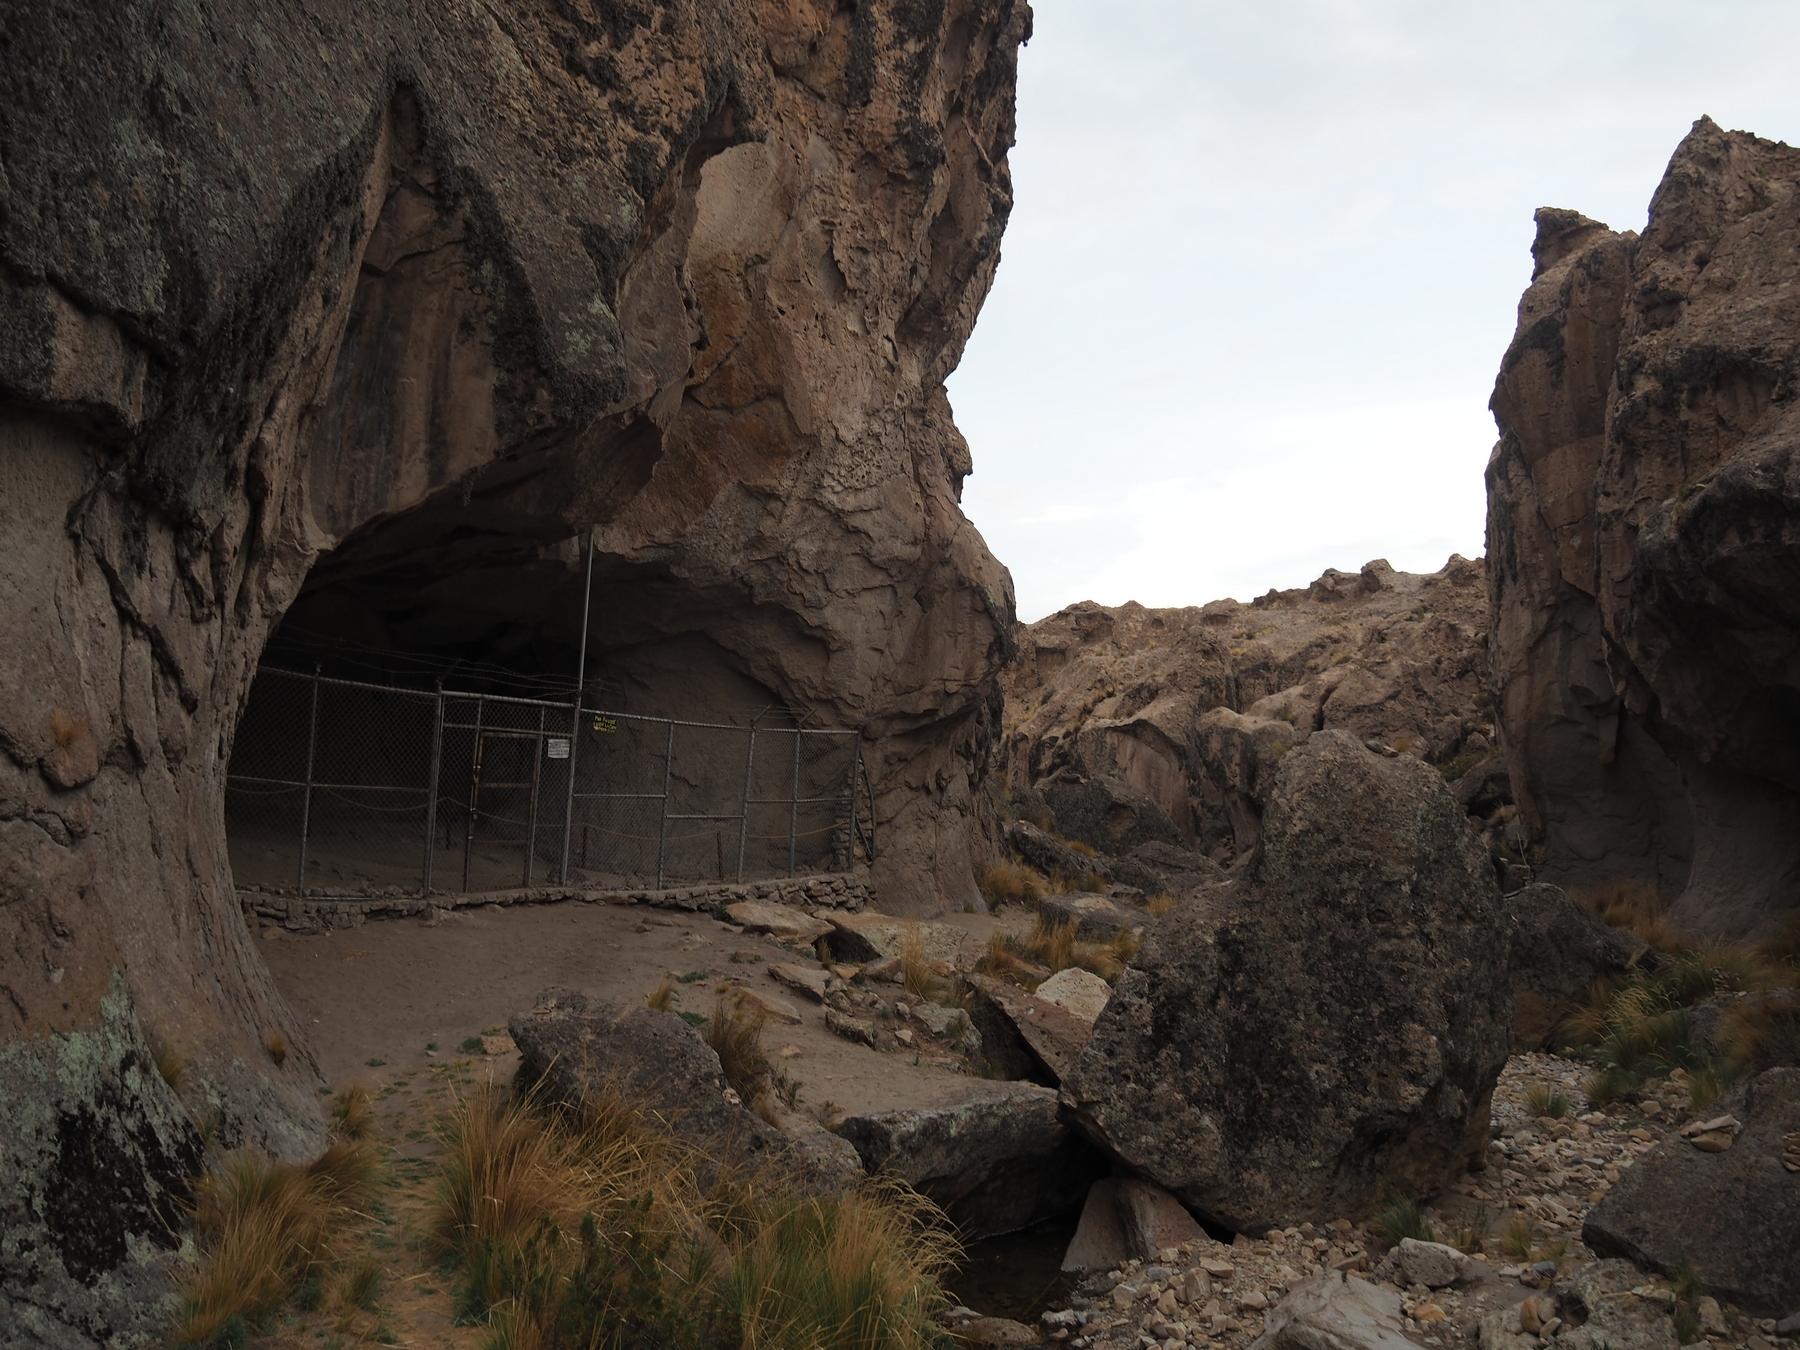 Höhle mit 8.000 Jahre alten Zeichnungen